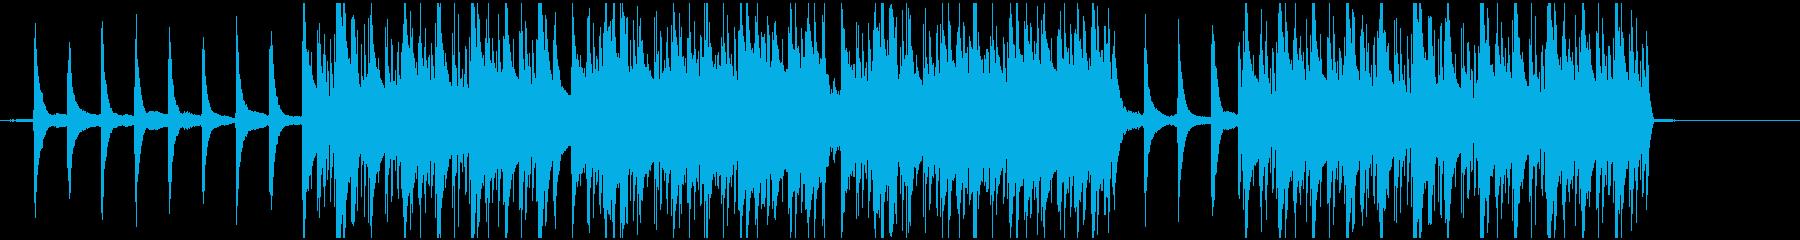 【Lofi hiphop】チル/勉強にの再生済みの波形